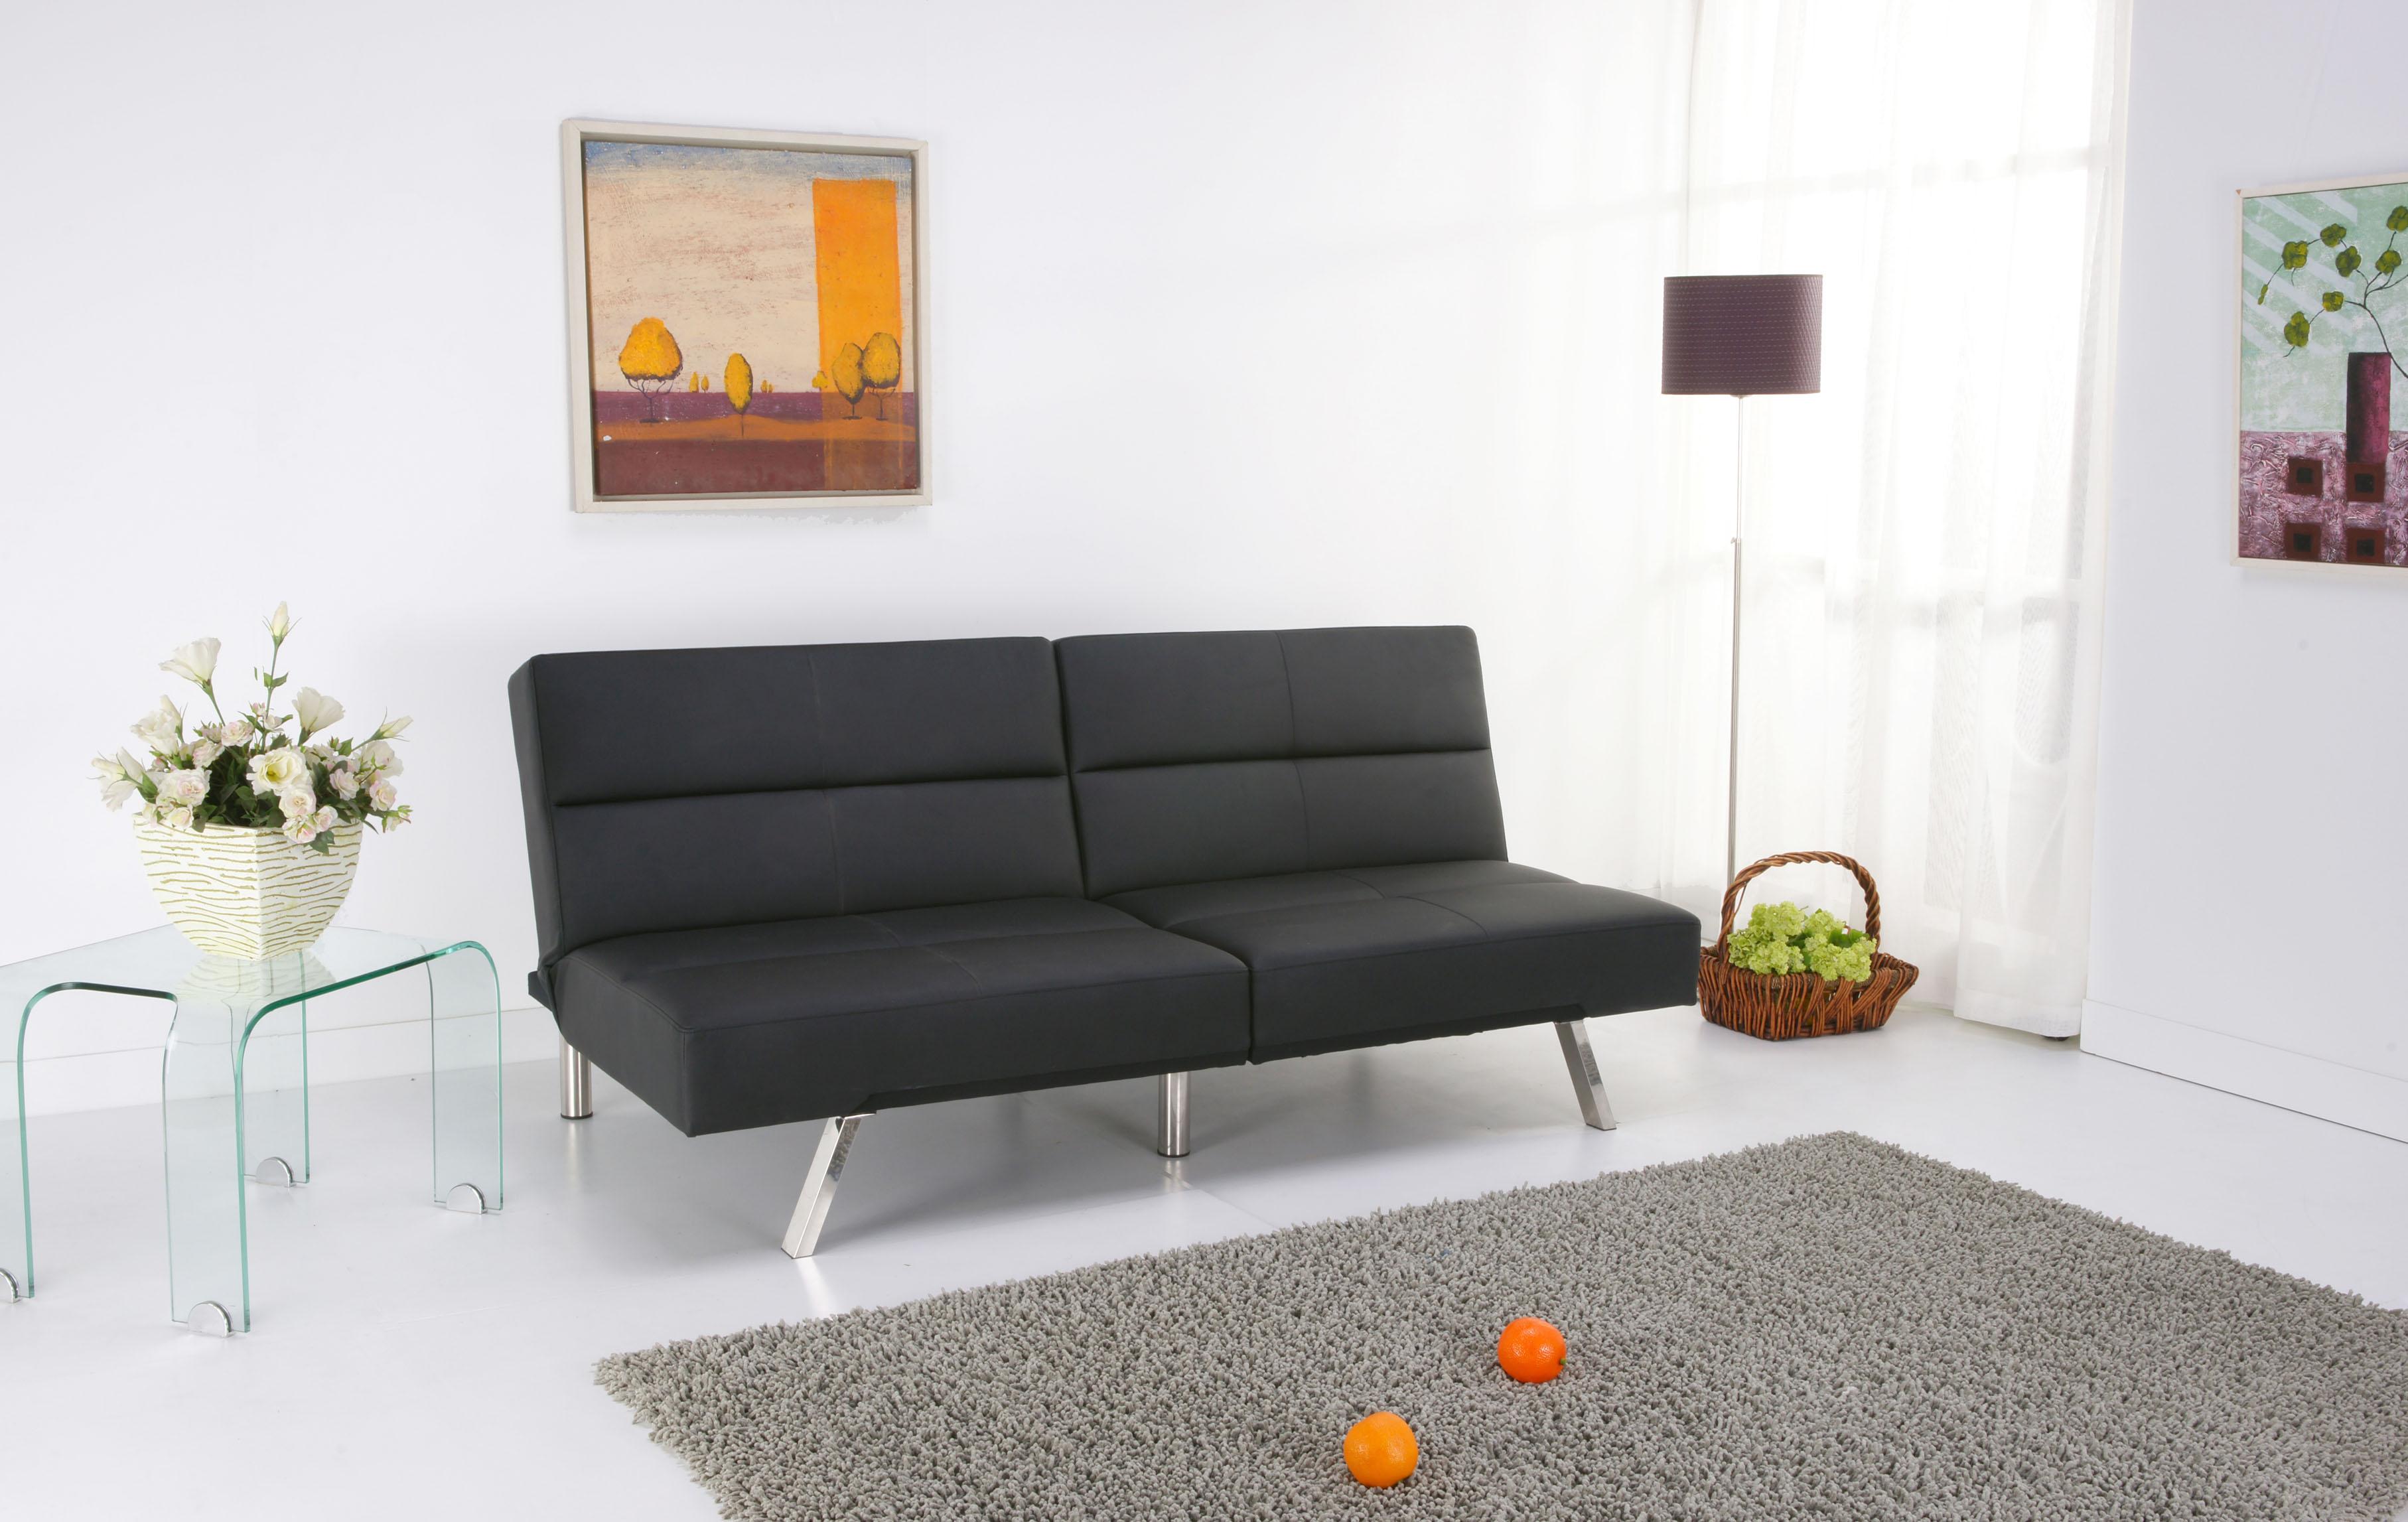 schlafsofas preisvergleich baby bettw sche set rosa schlafzimmer orange vorh nge modern ikea. Black Bedroom Furniture Sets. Home Design Ideas